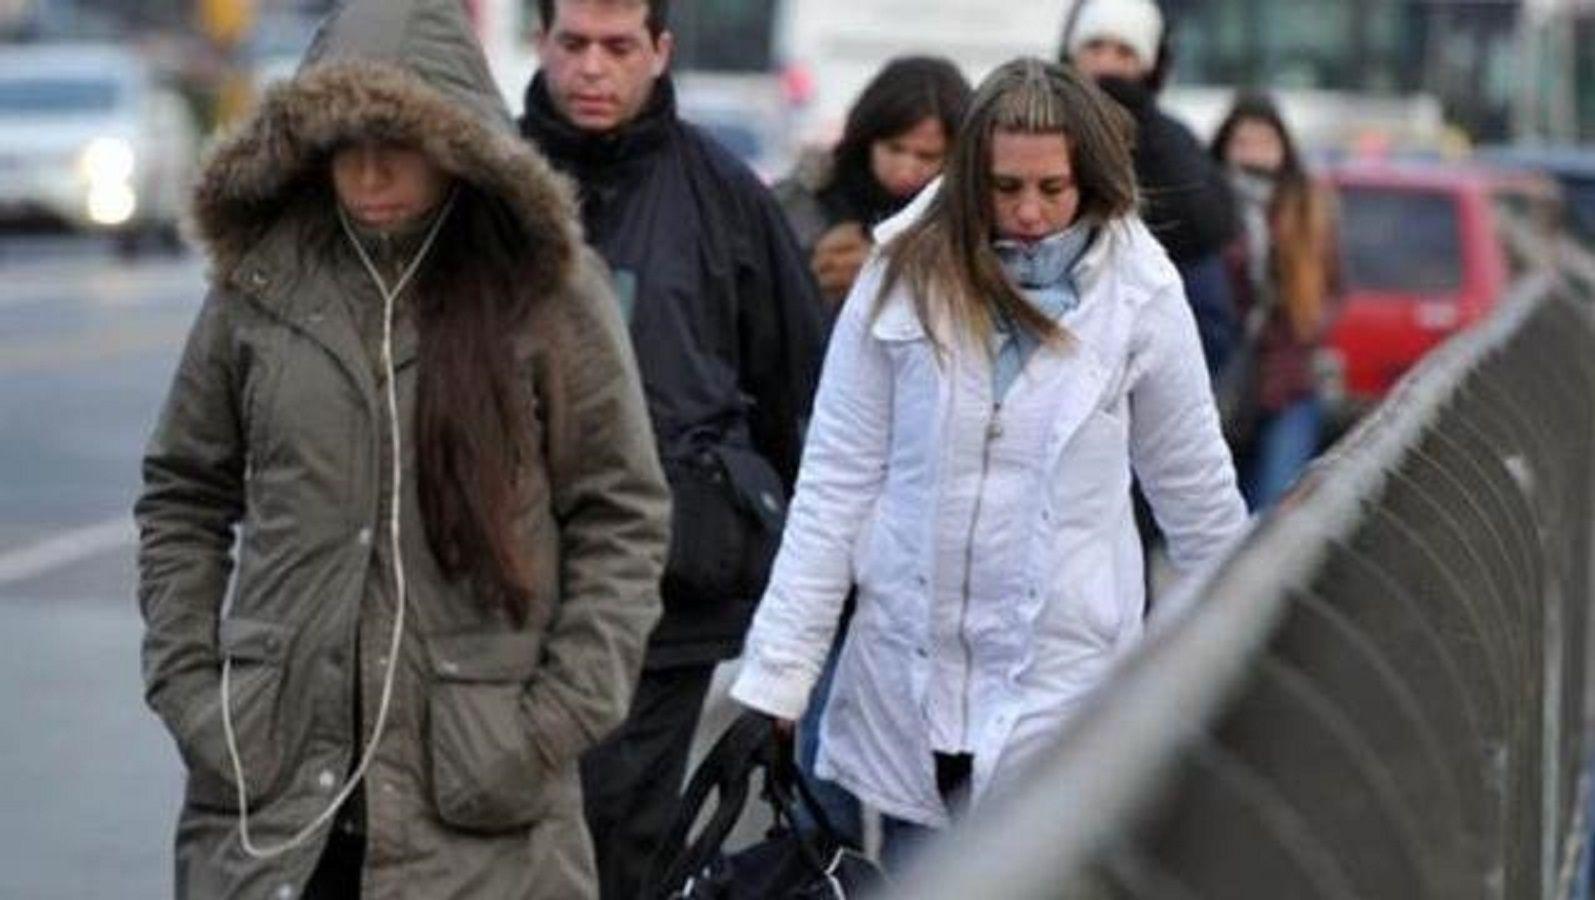 Cada vez más cerca de los 0 grados: la ola de frío sigue azotando a la Ciudad